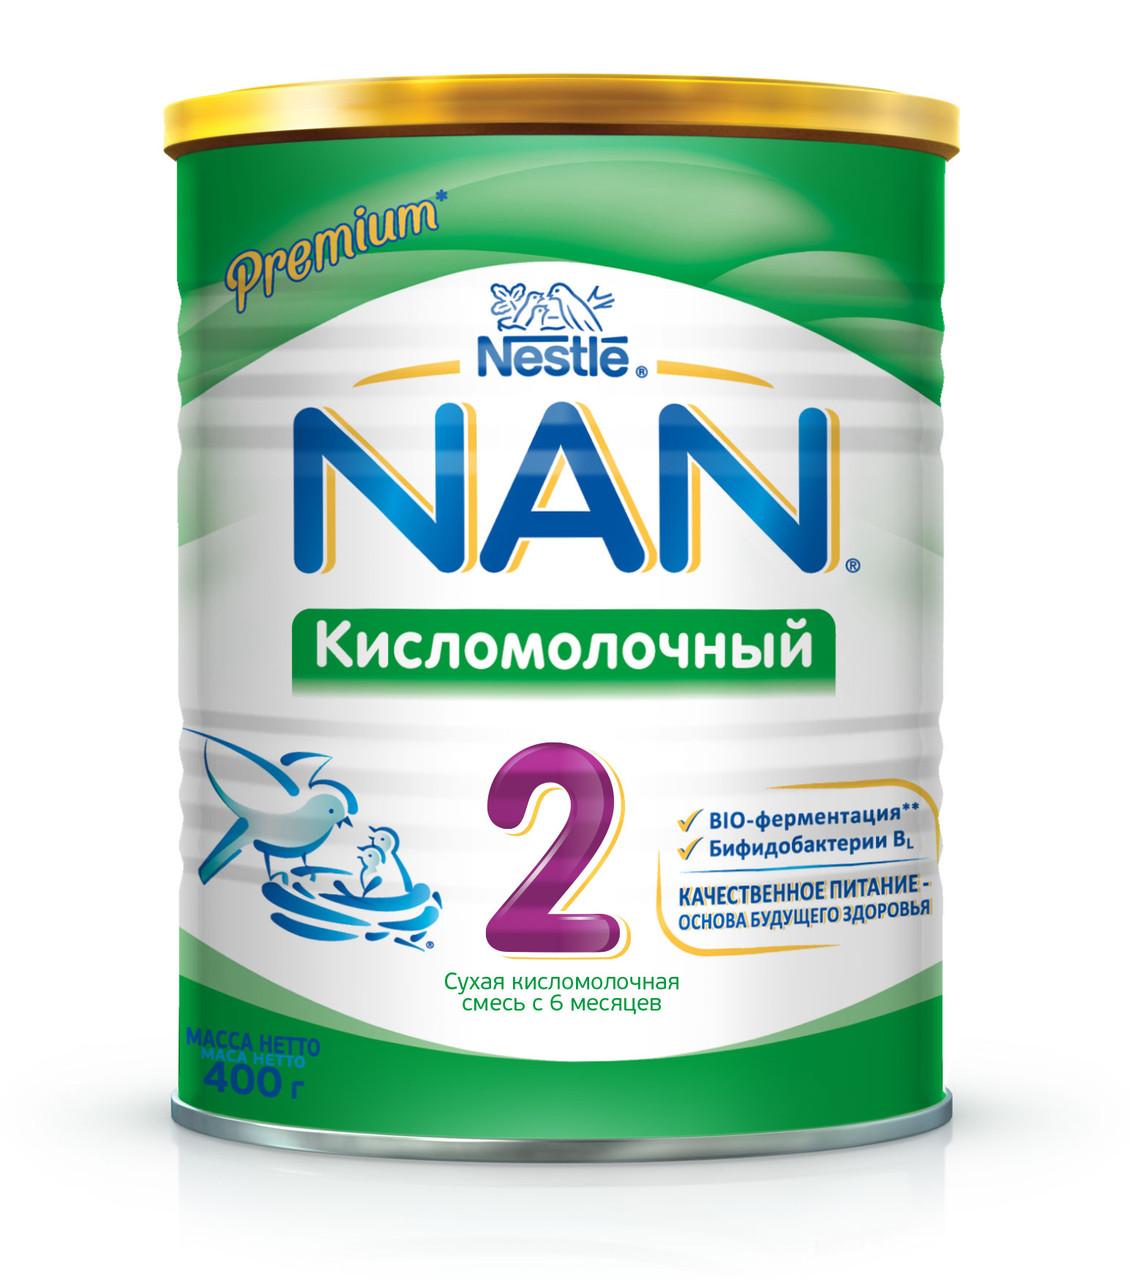 Смесь Nestle NAN Кисломолочный 6 до 12 месяцев 400 гр.